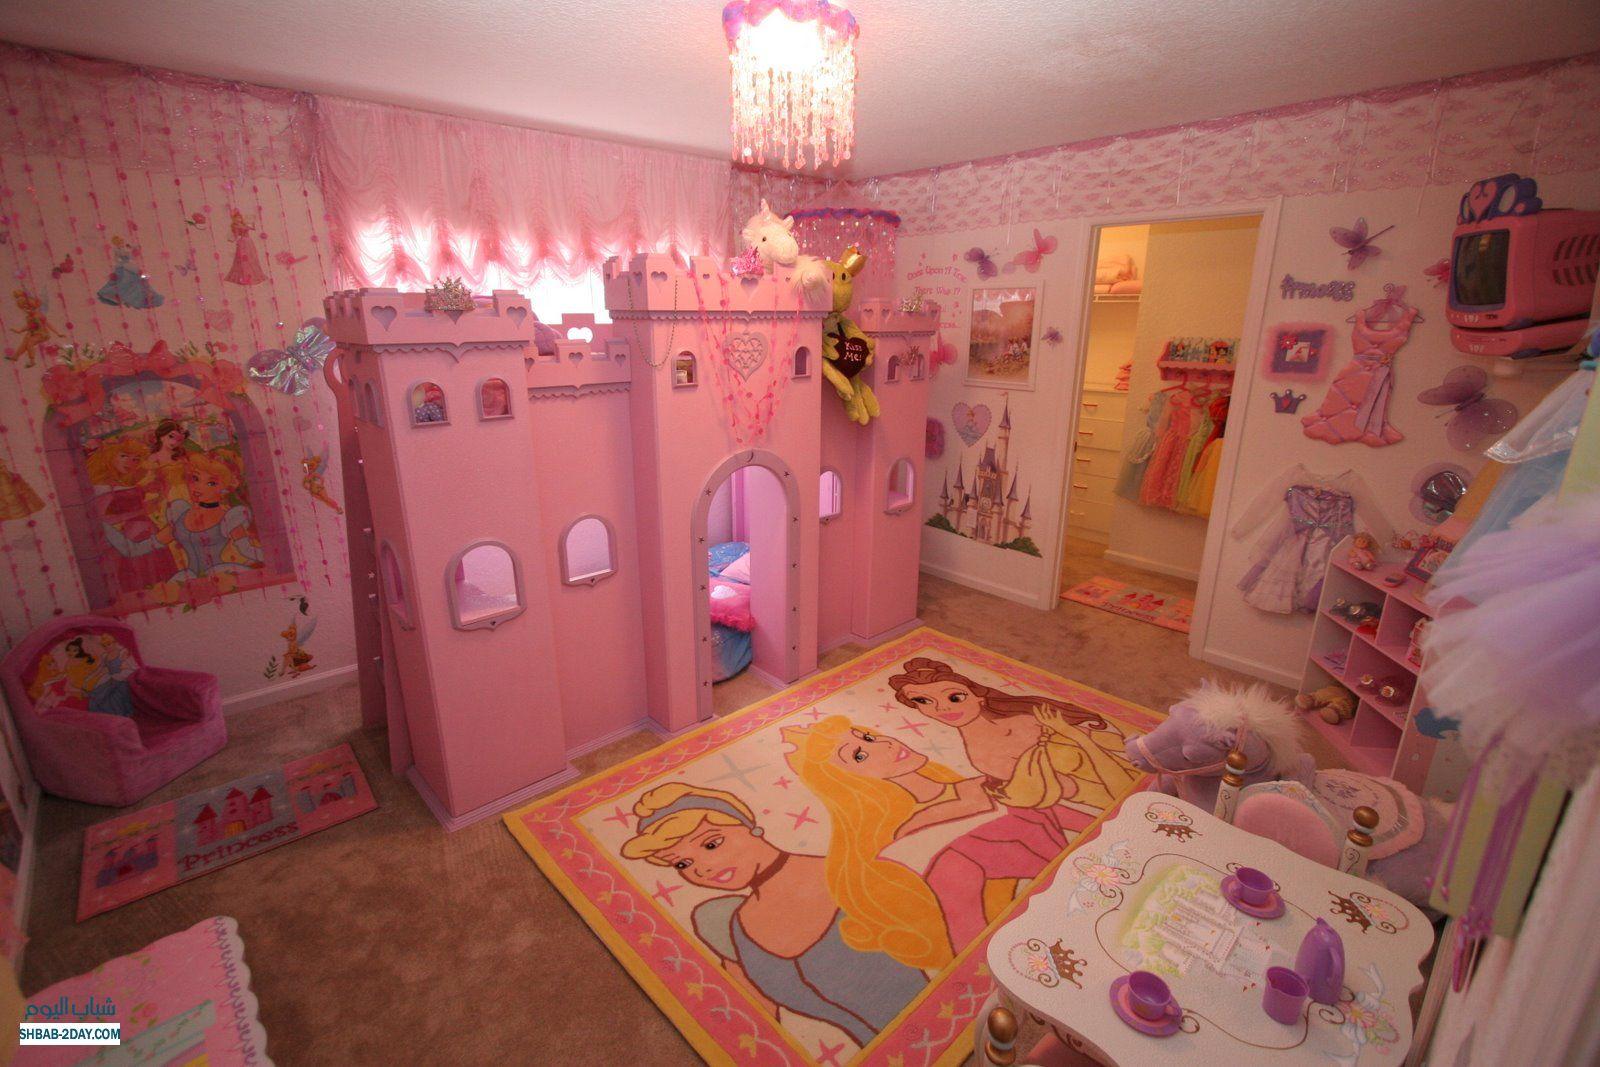 غرف نوم اطفال , احدث غرف نوم الاطفال , غرف اطفال جميله جدا , غرف اطفال2013 , غرف اطفال 2014 , غرف اطفال 2015